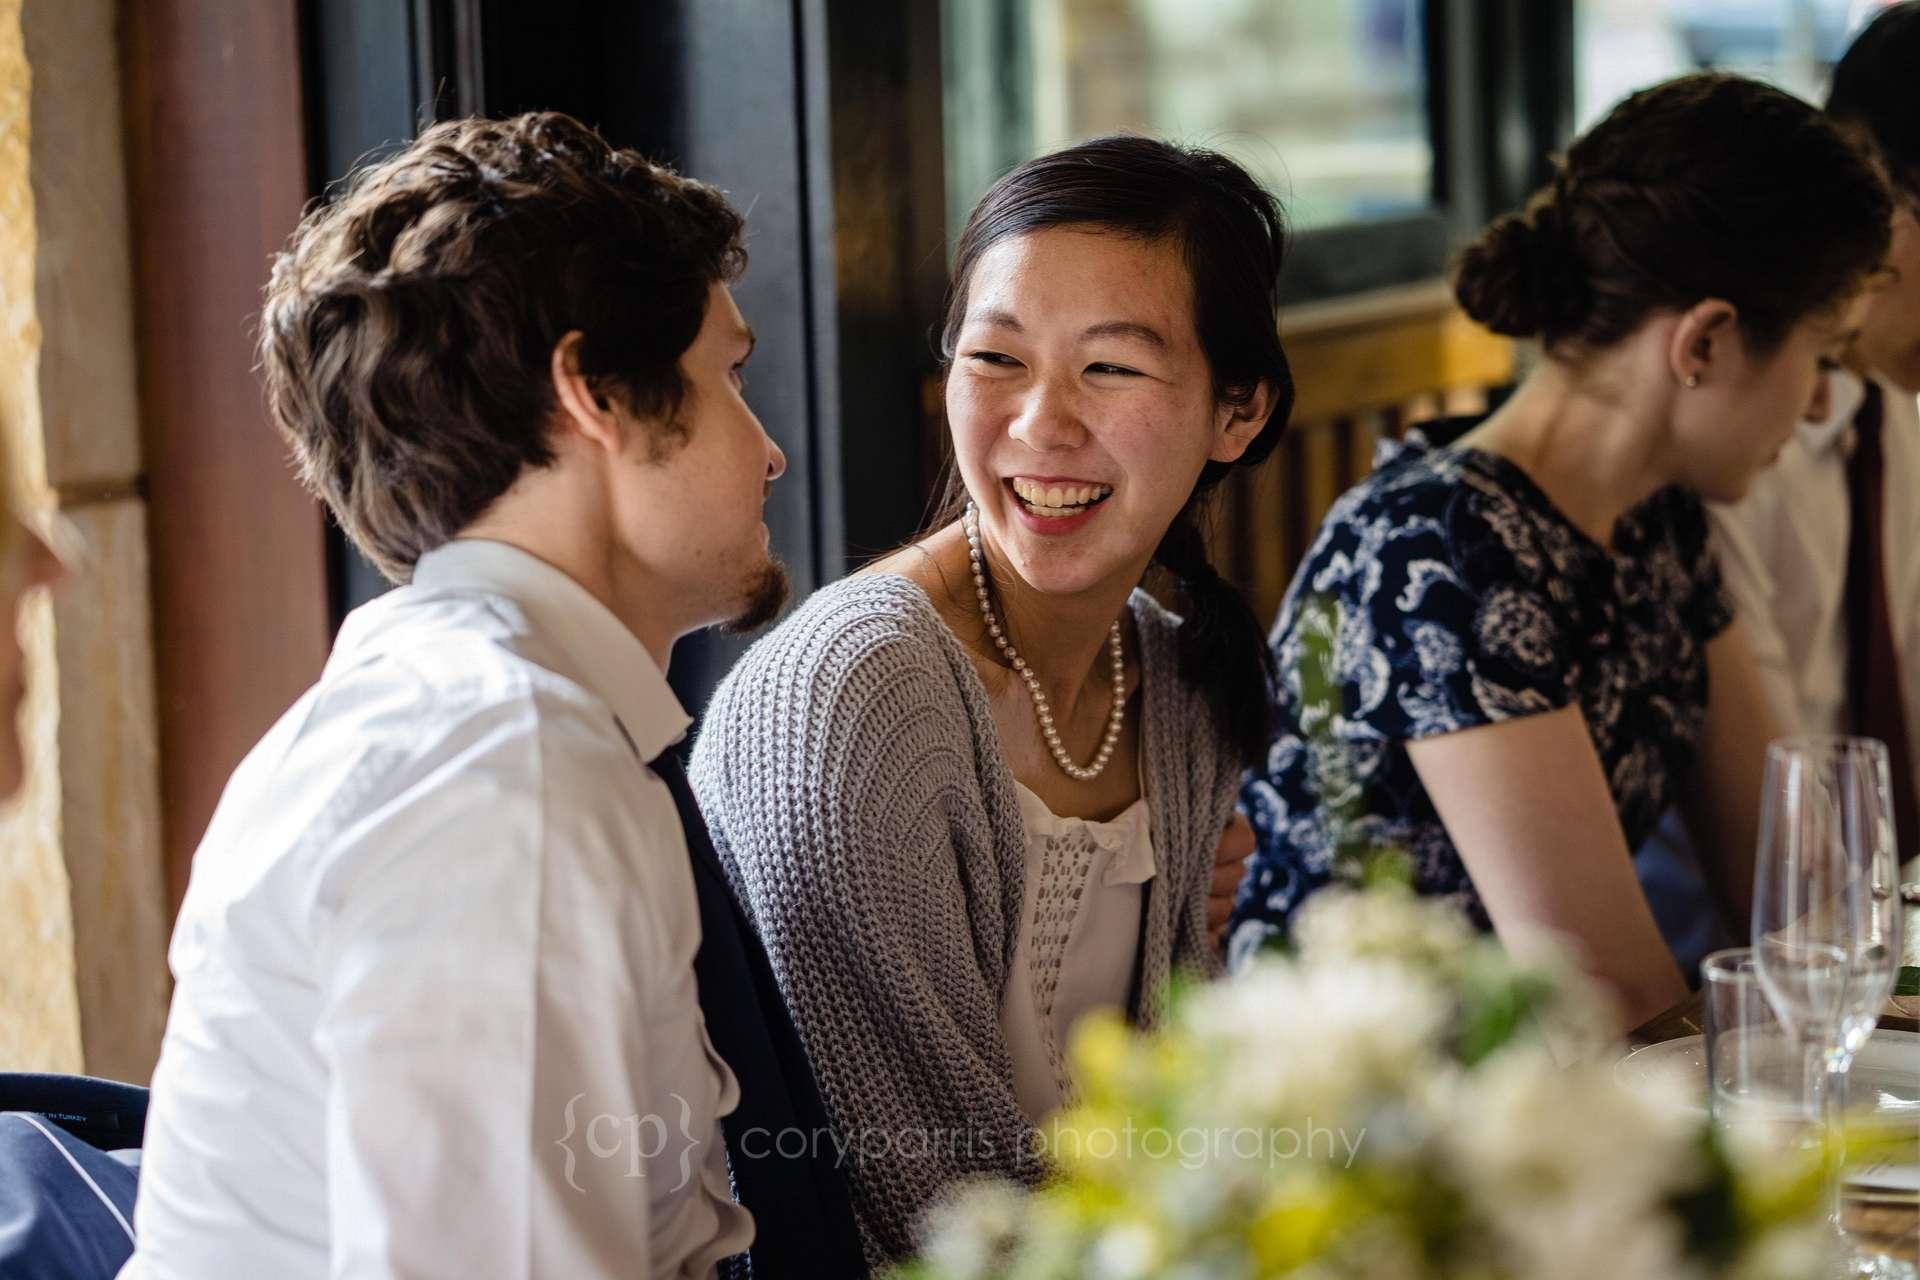 310-Seattle-elopement-photographer.jpg